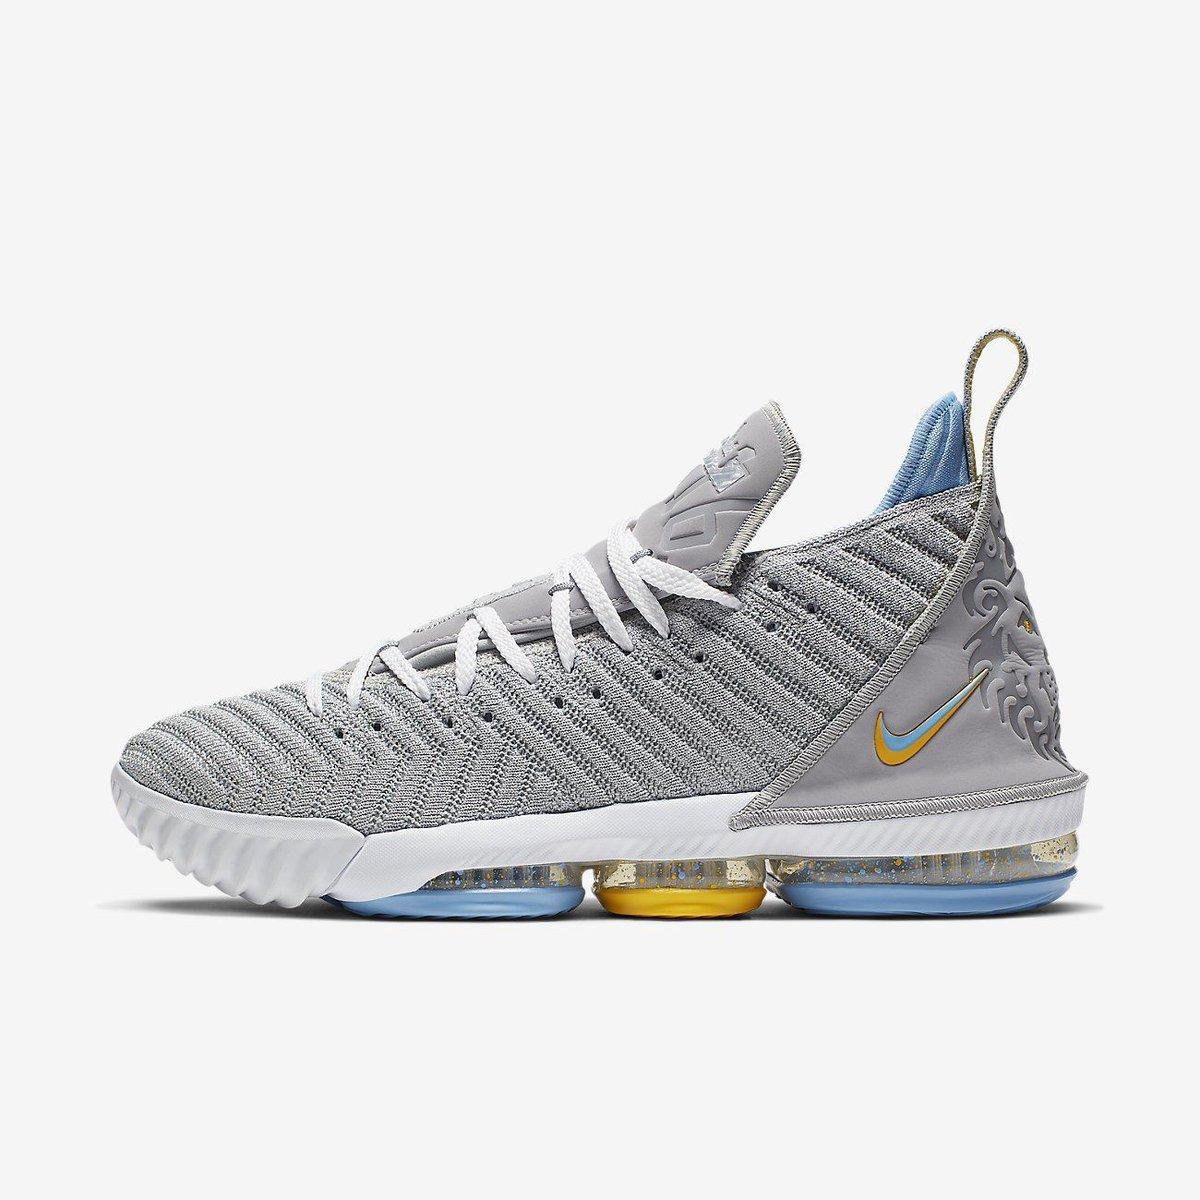 65a71016608 Nike LeBron 16